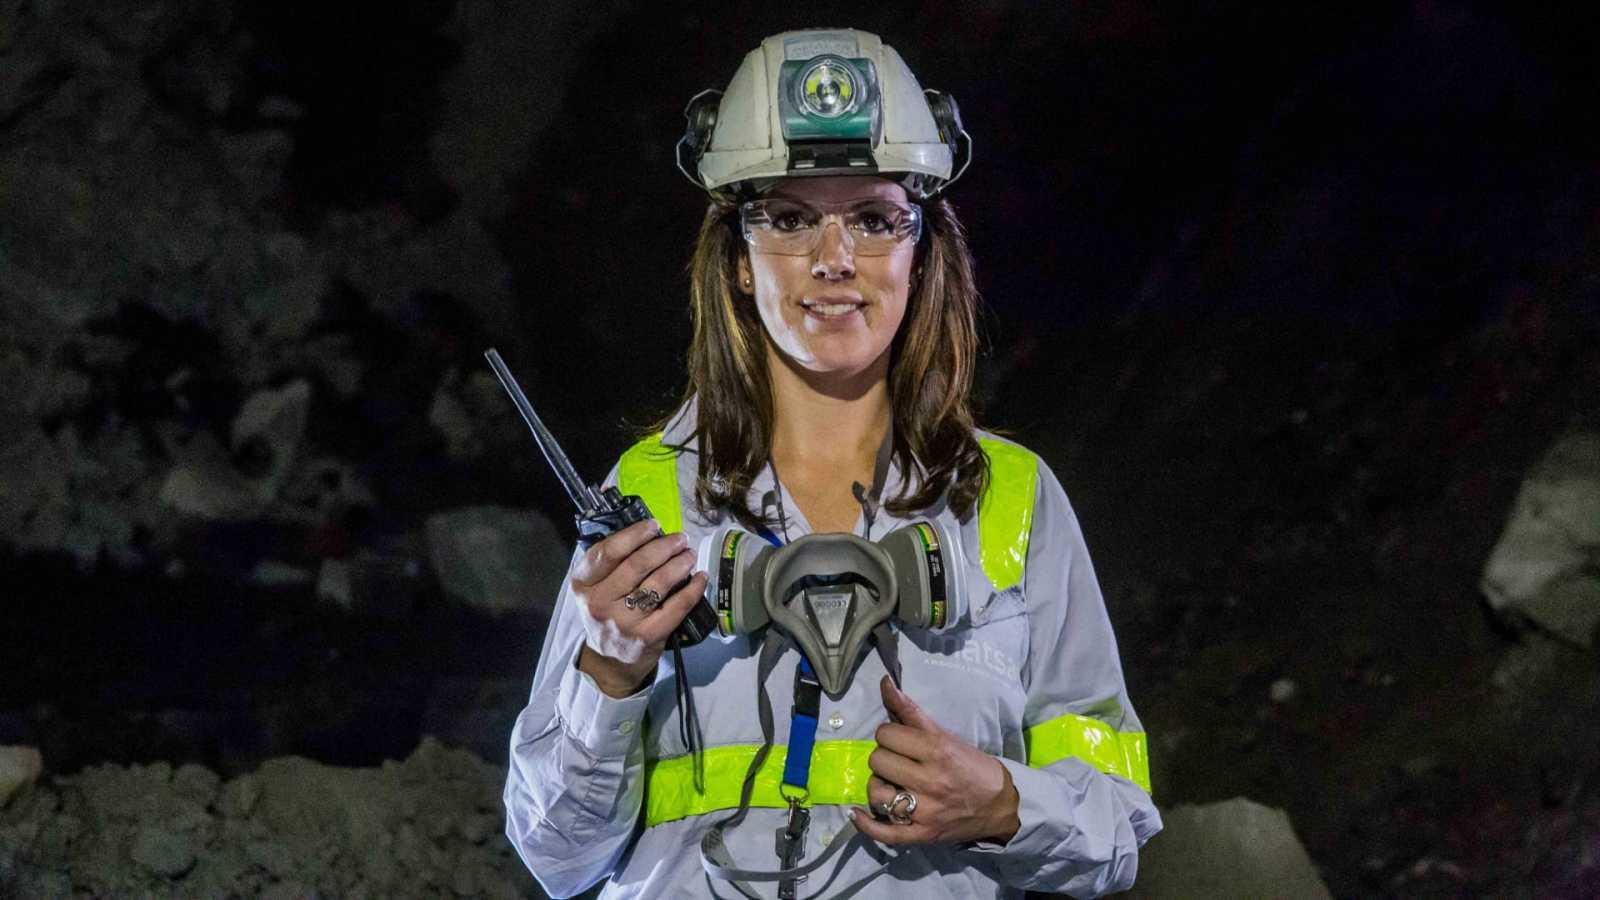 Reportajes en Radio 5 - Mujeres mineras - 08/03/21 - Escuchar ahora